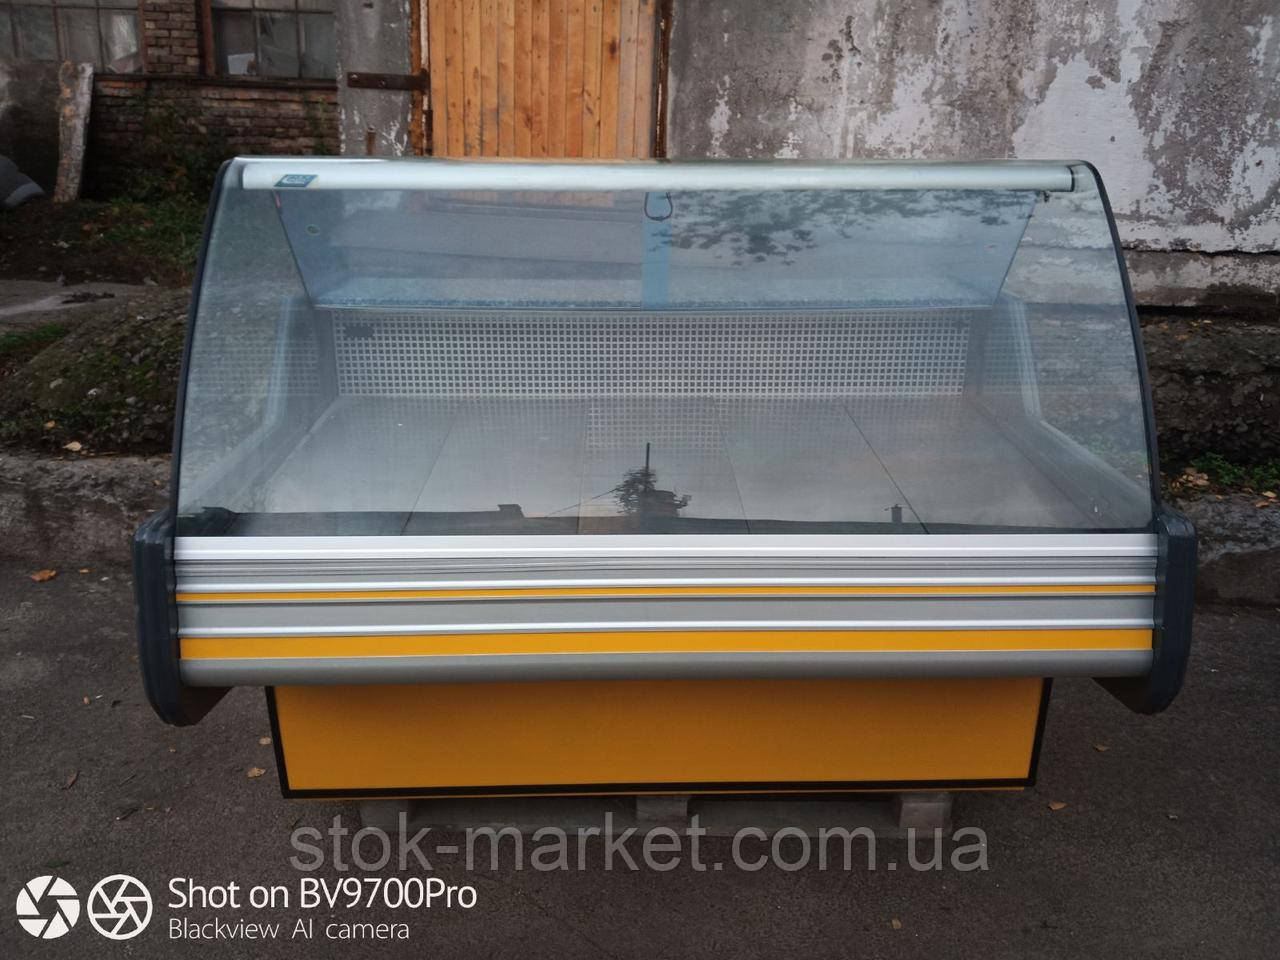 Вітрина холодильна Cold 1.6 м. бу. гастрономічна вітрина бу